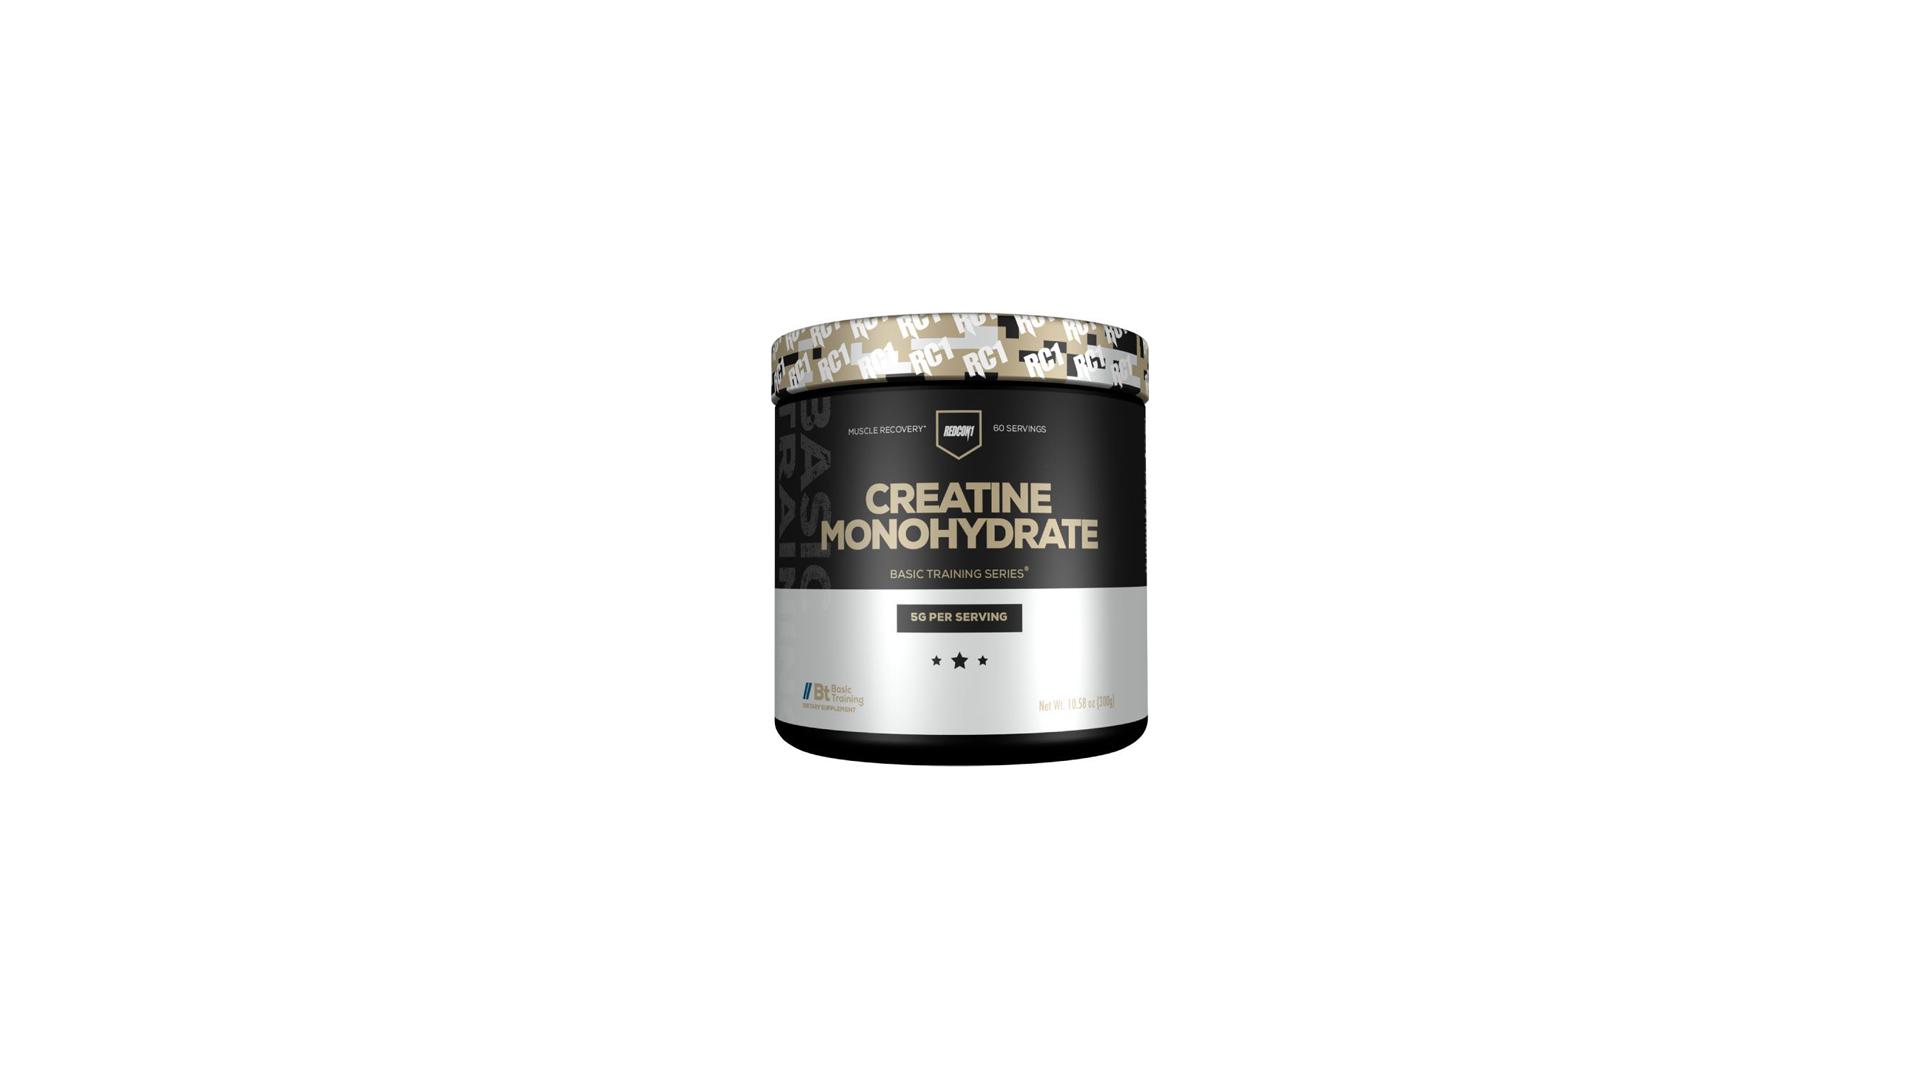 Redcon1 Creatine Monohydrate